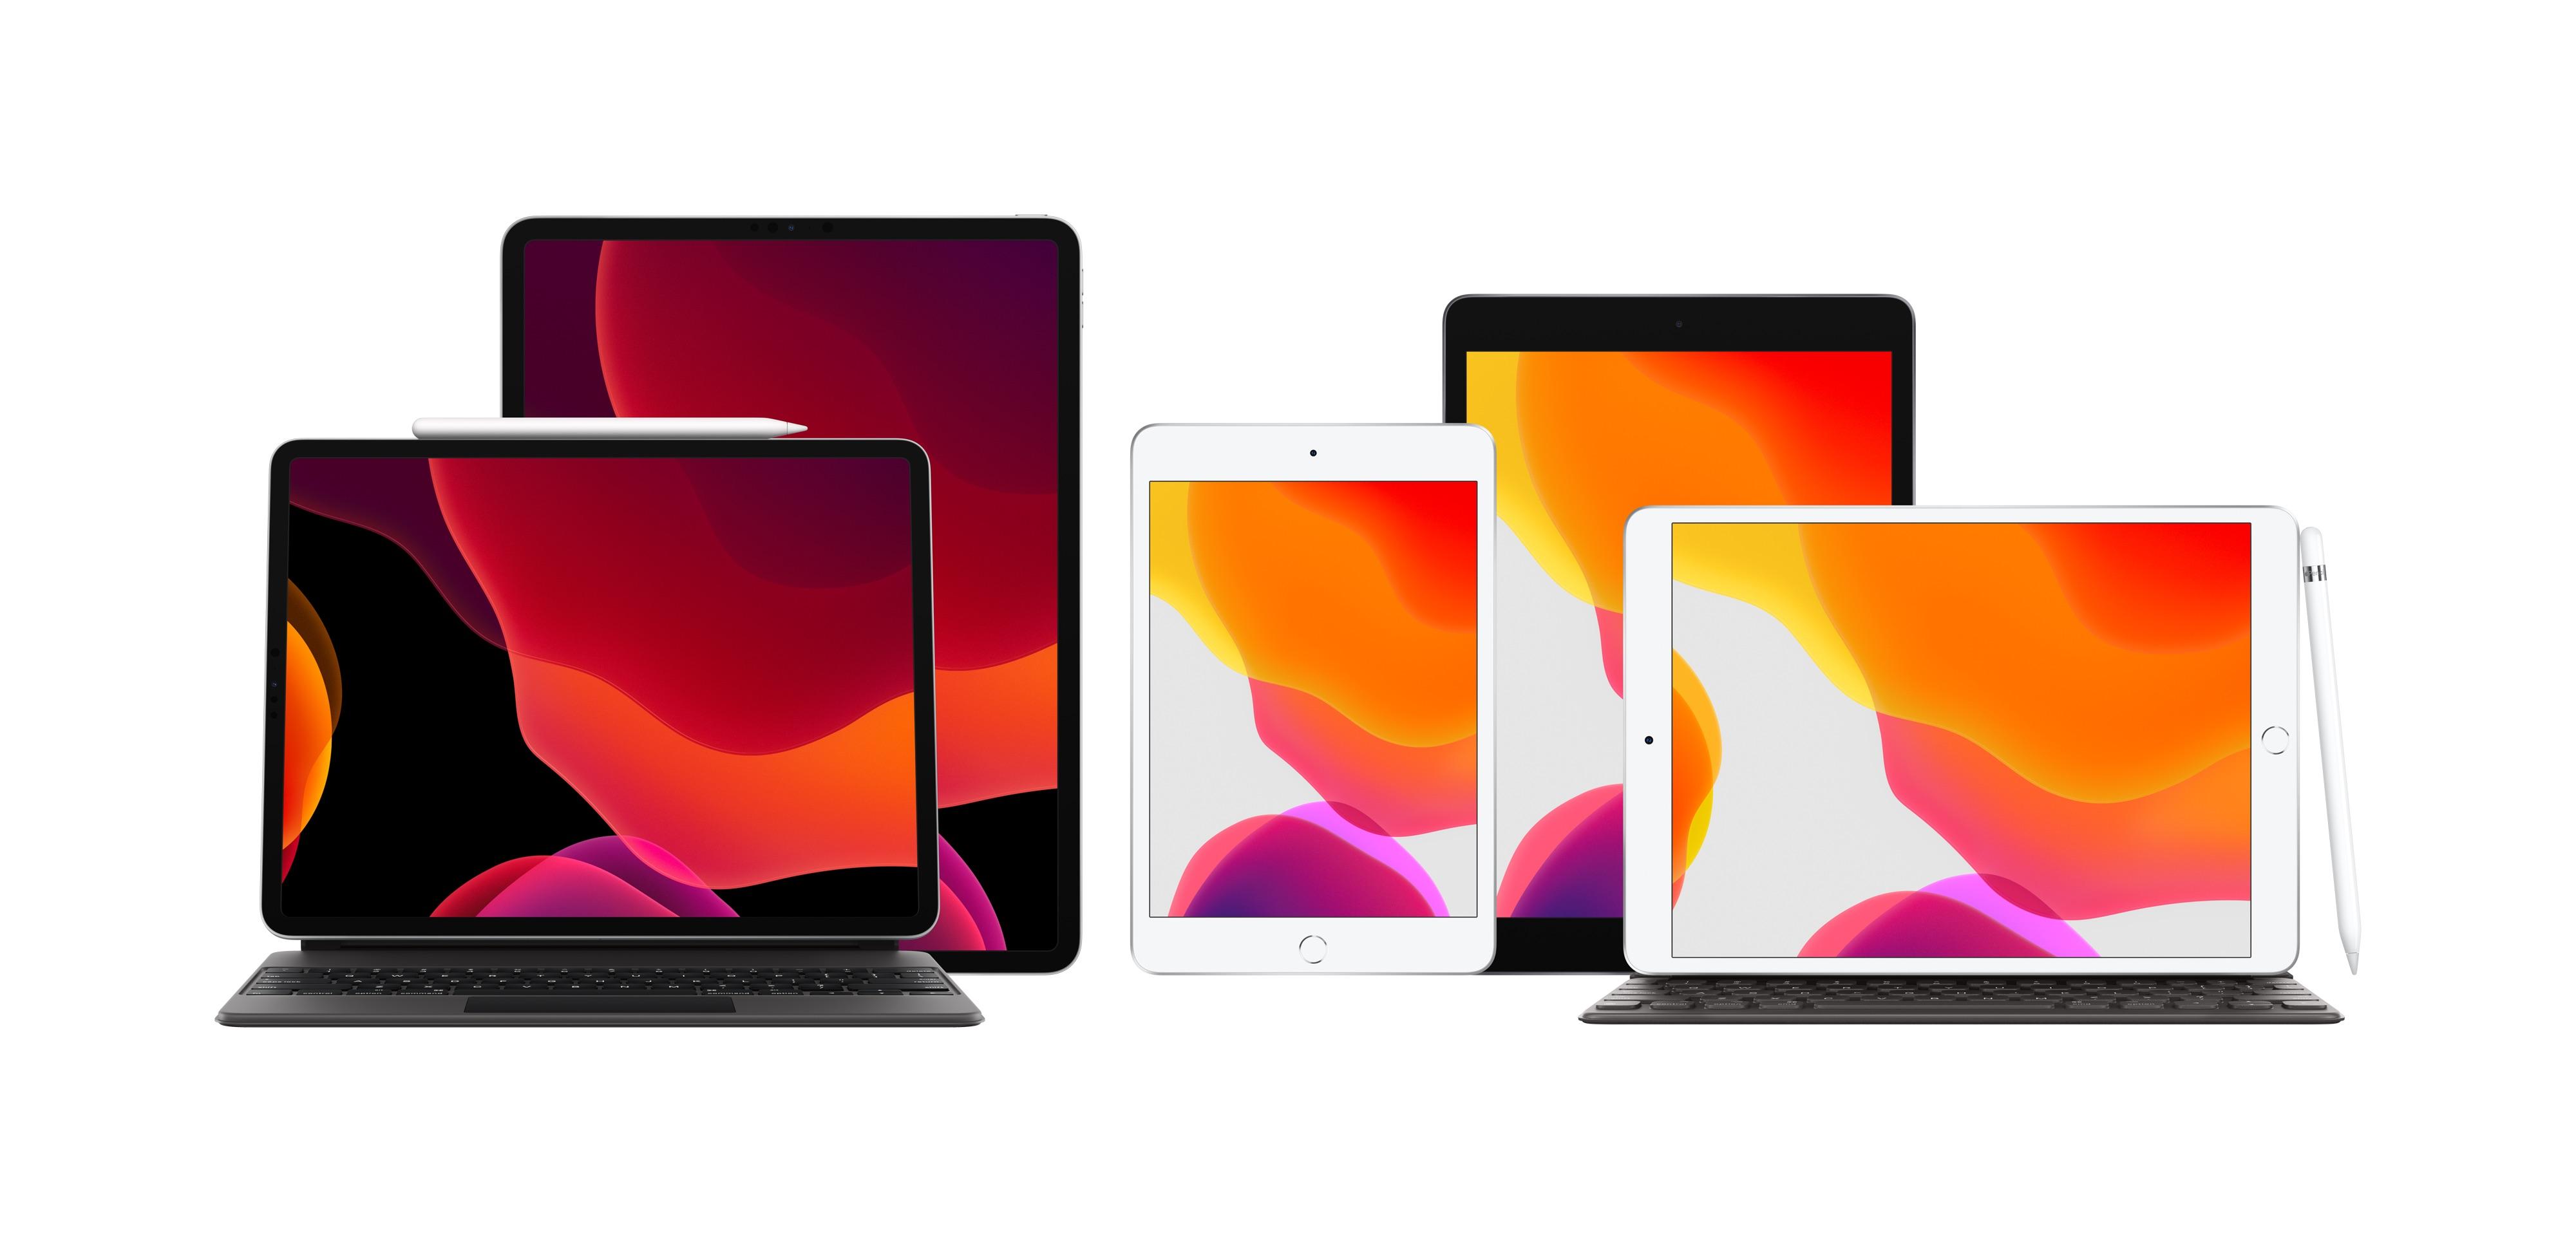 iPad family